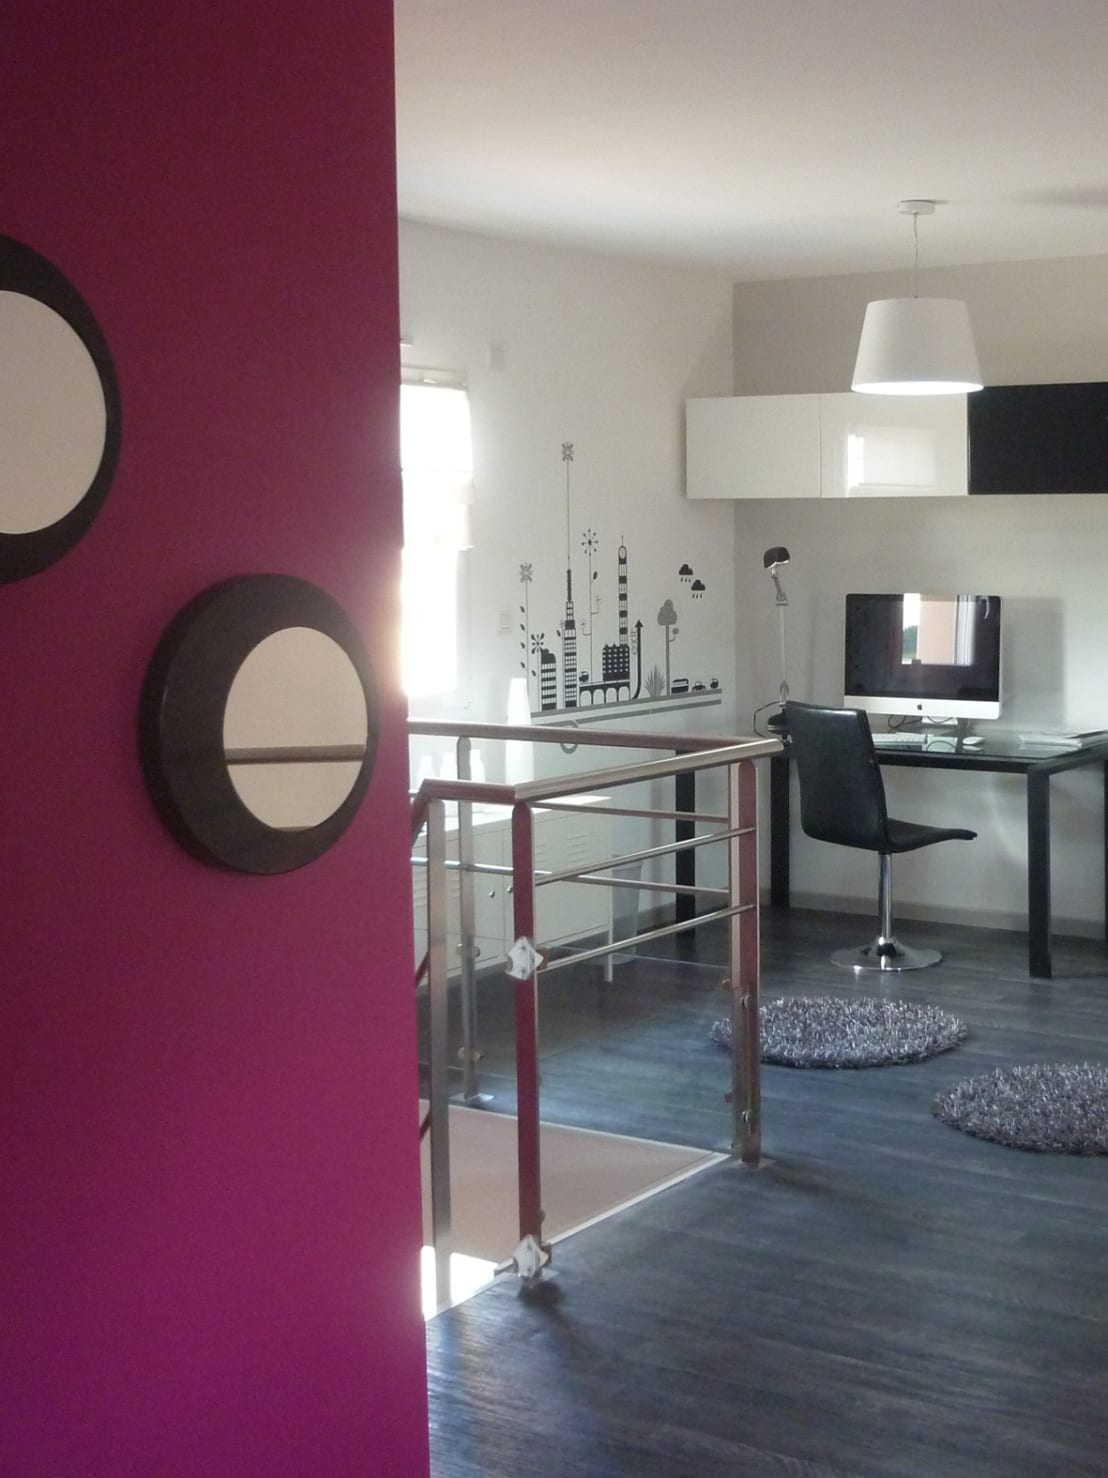 un amour de maison espace d tente en mode design homify. Black Bedroom Furniture Sets. Home Design Ideas